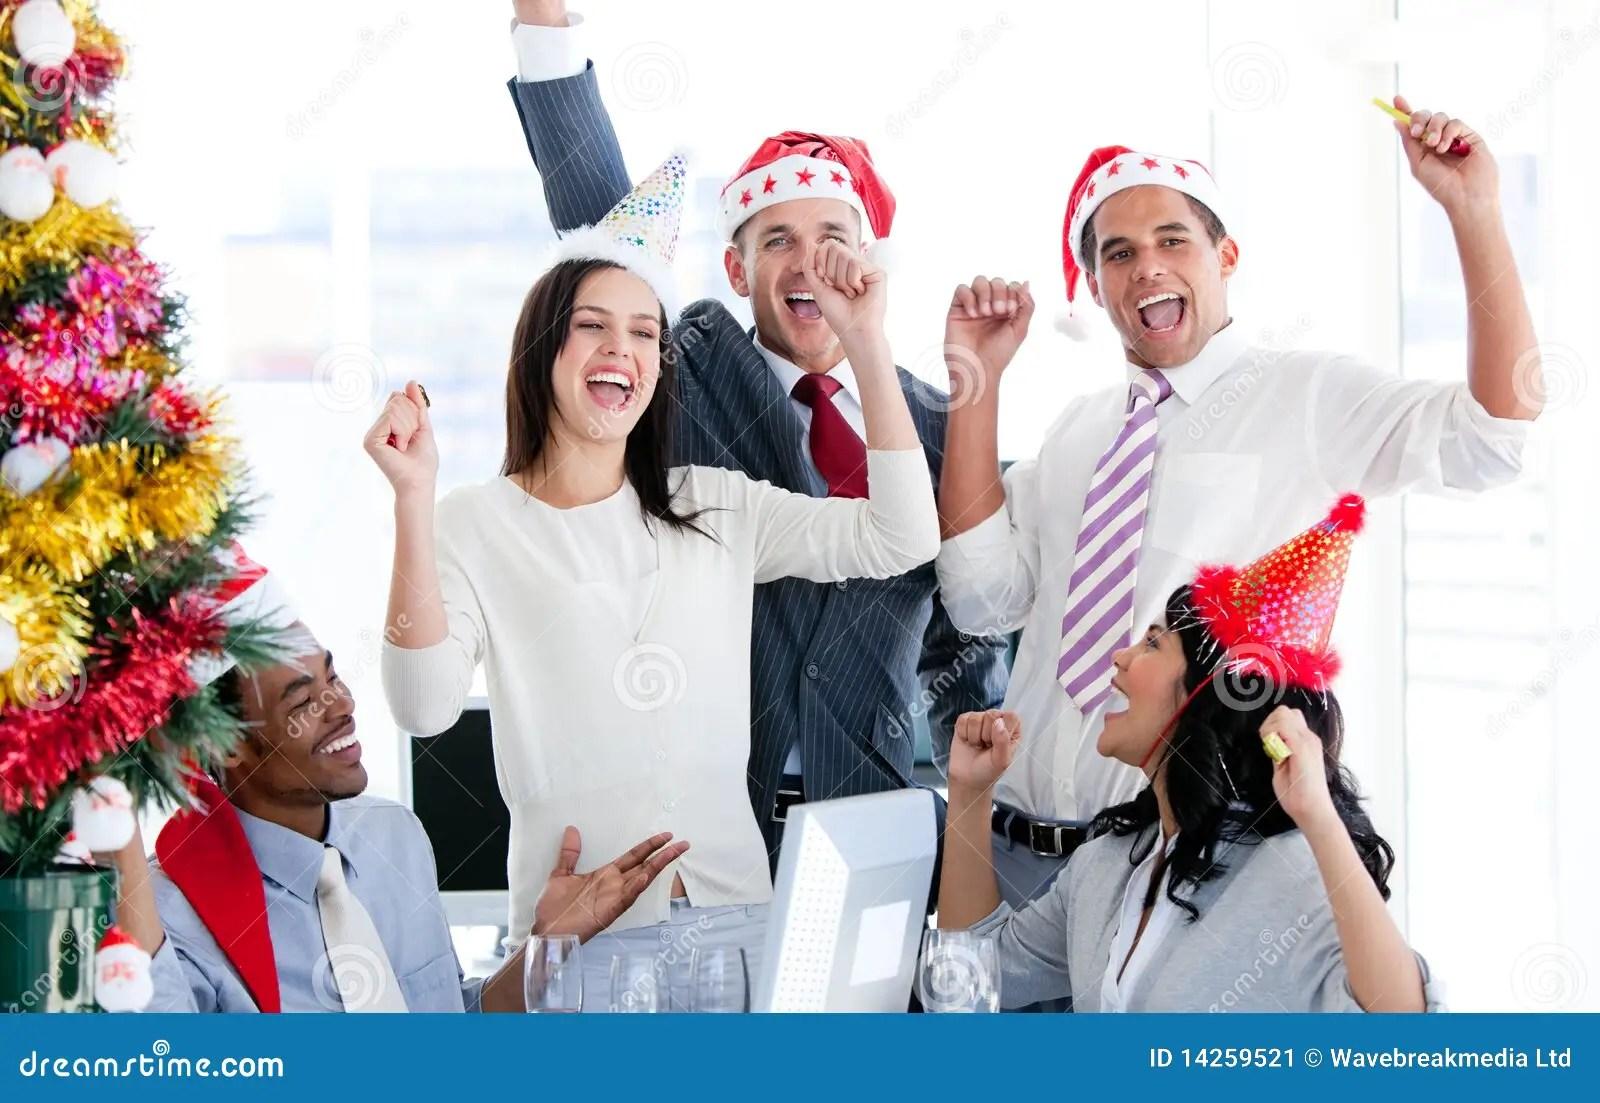 Personas Del Asunto Que Celebran La Navidad Imagen De